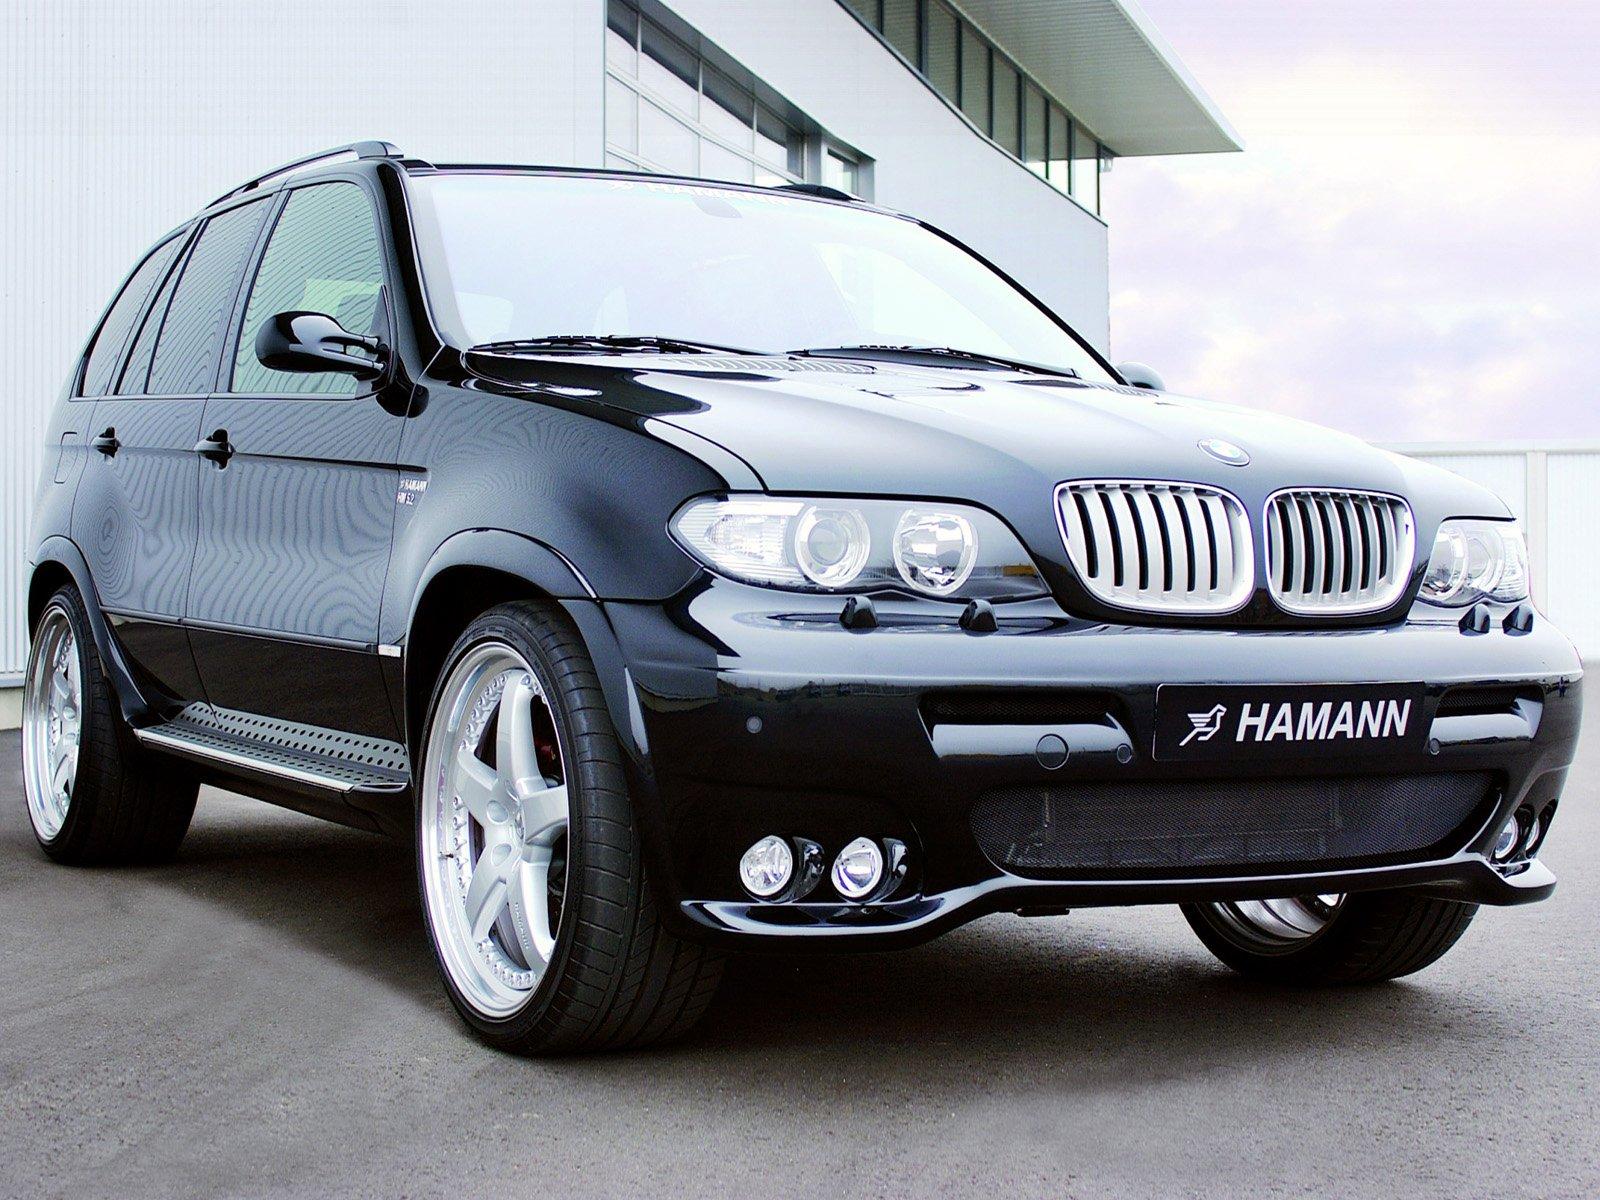 Hamann BMWX5 E53 modified cars 2003 wallpaper  1600x1200